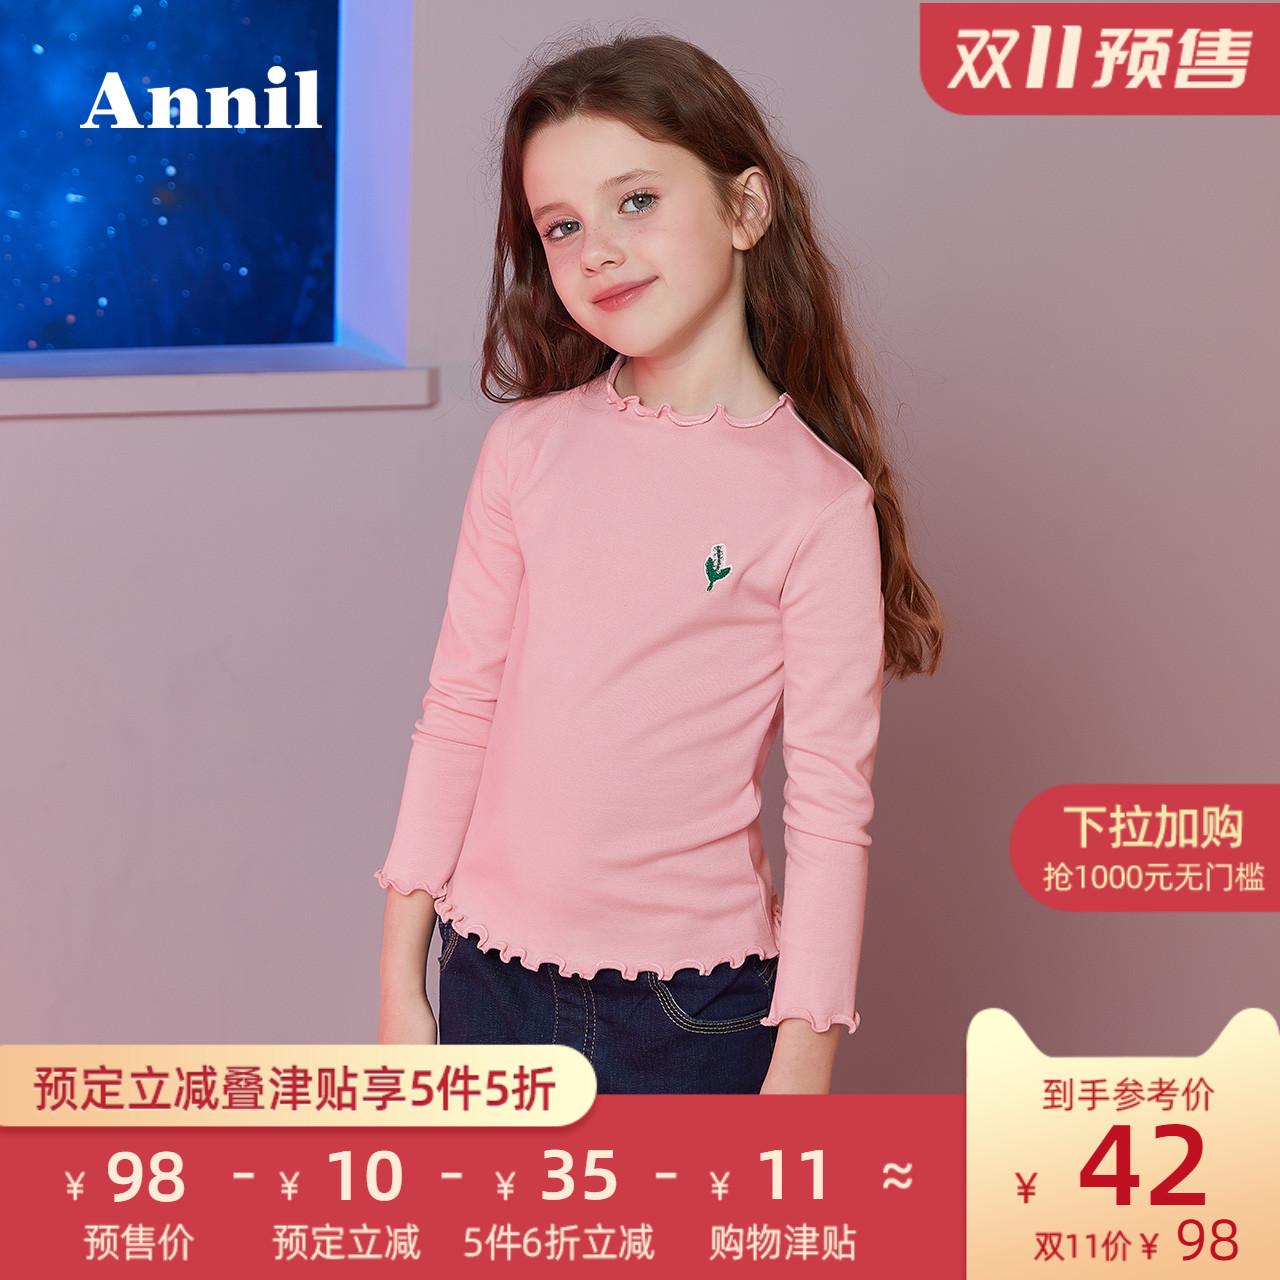 【】安奈儿童装女童体恤秋季修身上衣木耳边领口女孩长袖T恤 thumbnail